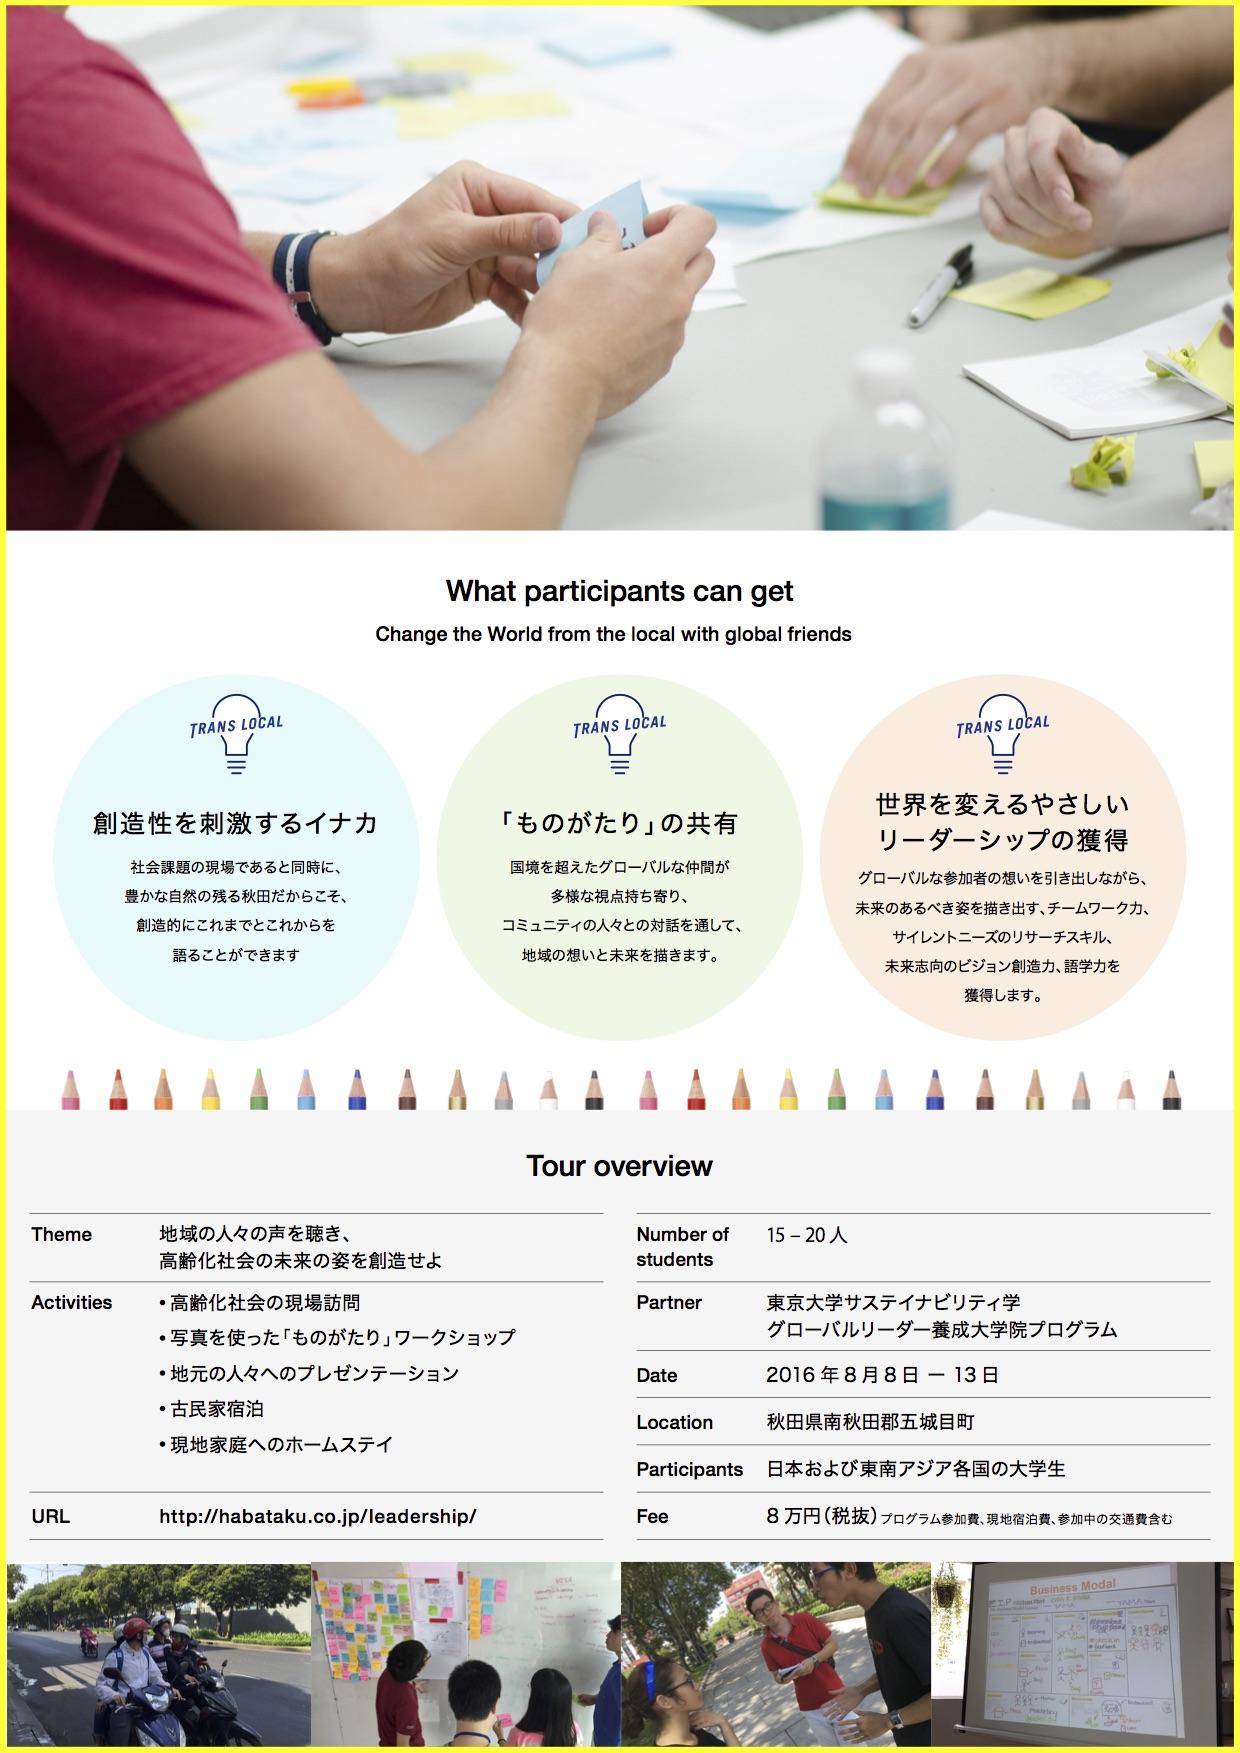 _trans-leader-jp-160702_benefit